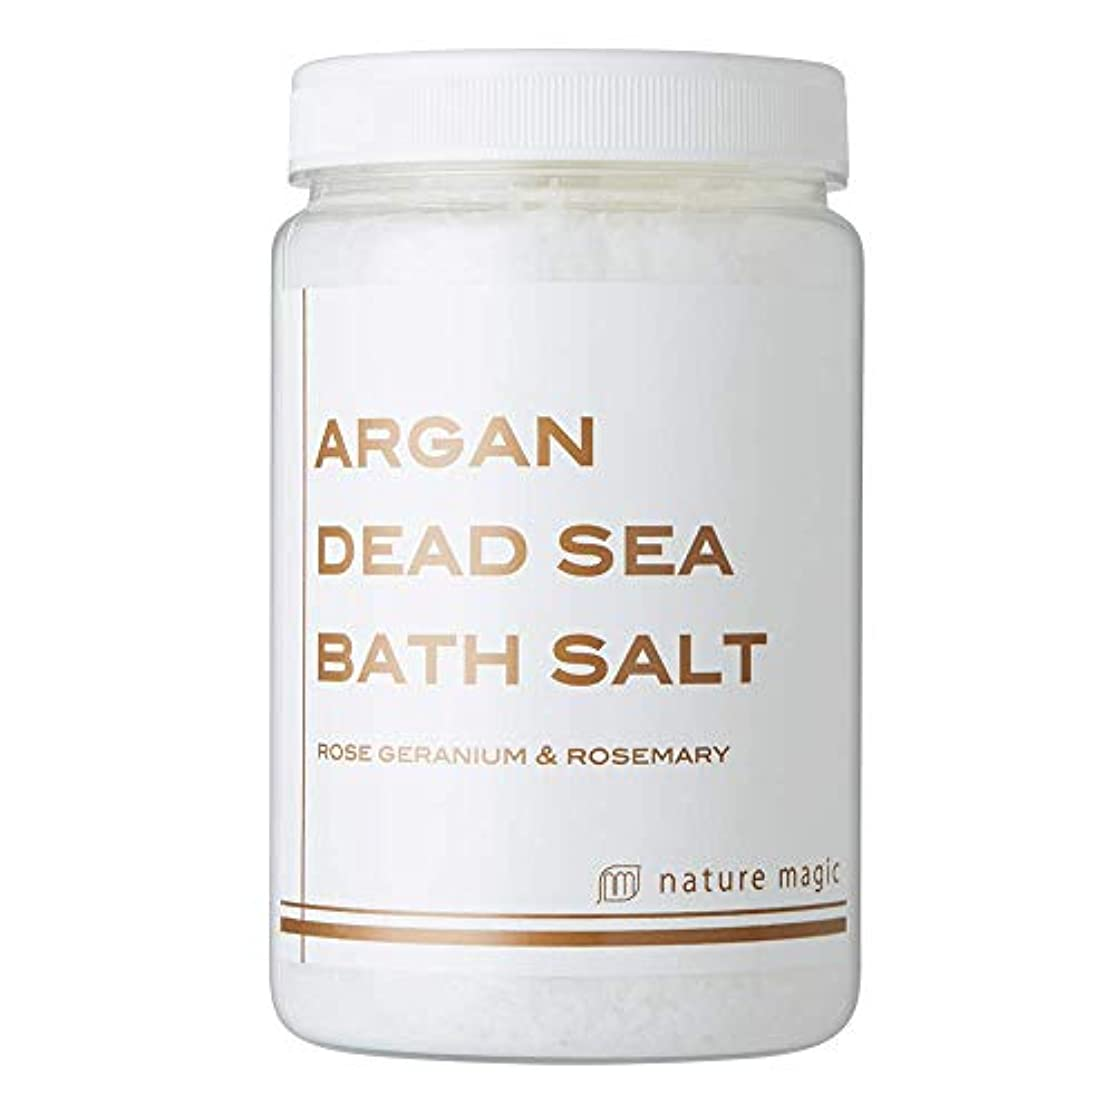 関与するマウントバンク逸話【死海の天然塩にアルガンオイルを配合した全身ポカポカ、お肌つるつる入浴剤】アルガンデッドシーバスソルト